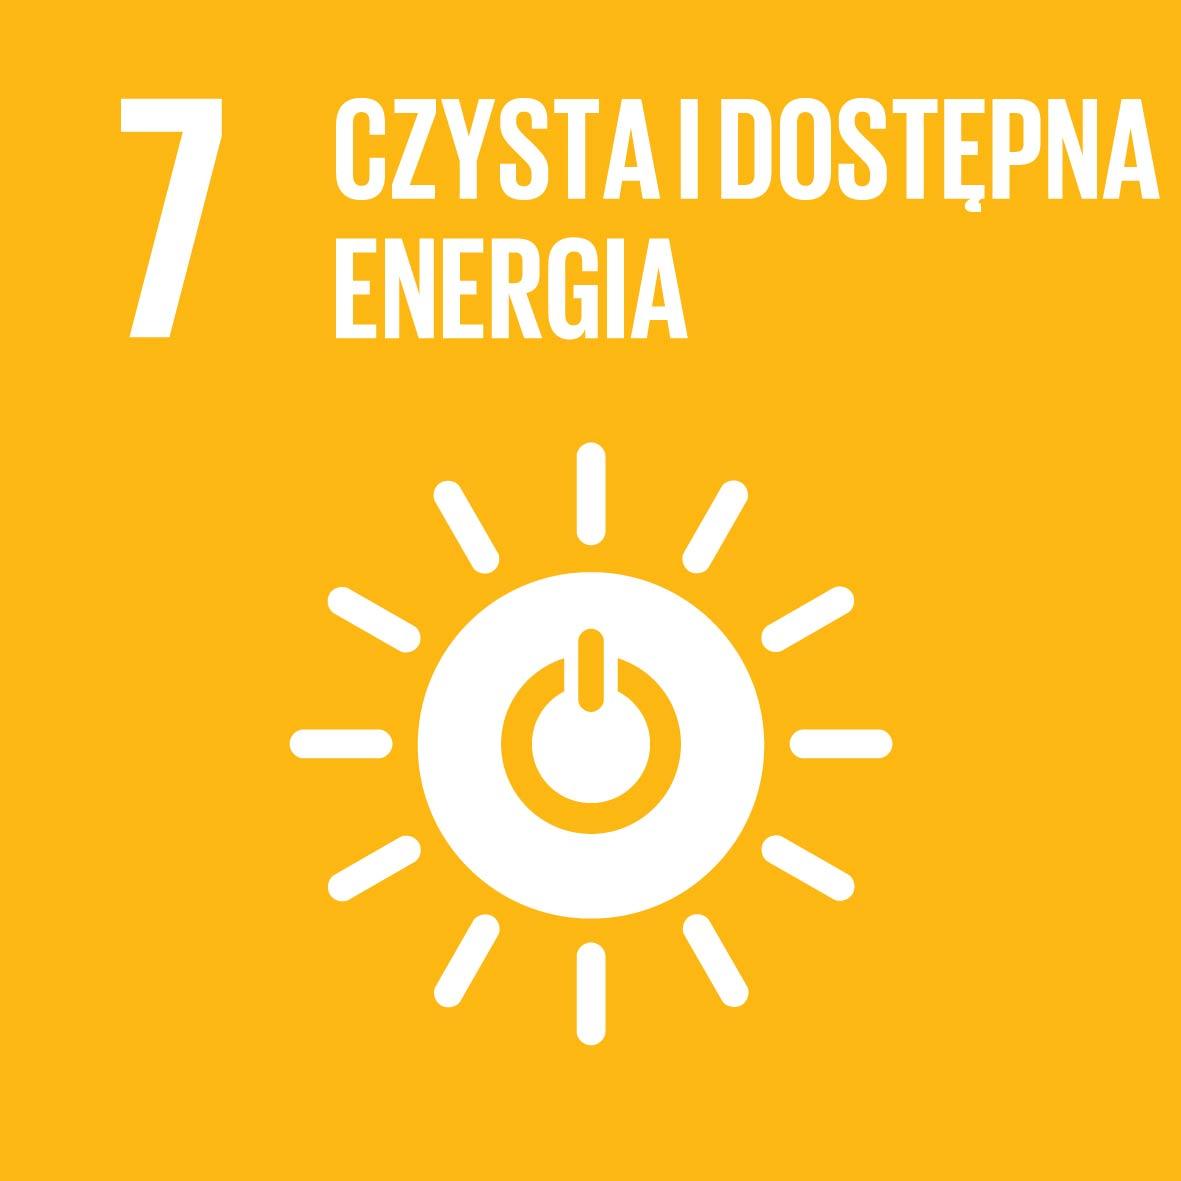 7. Czysta i dostępna energia